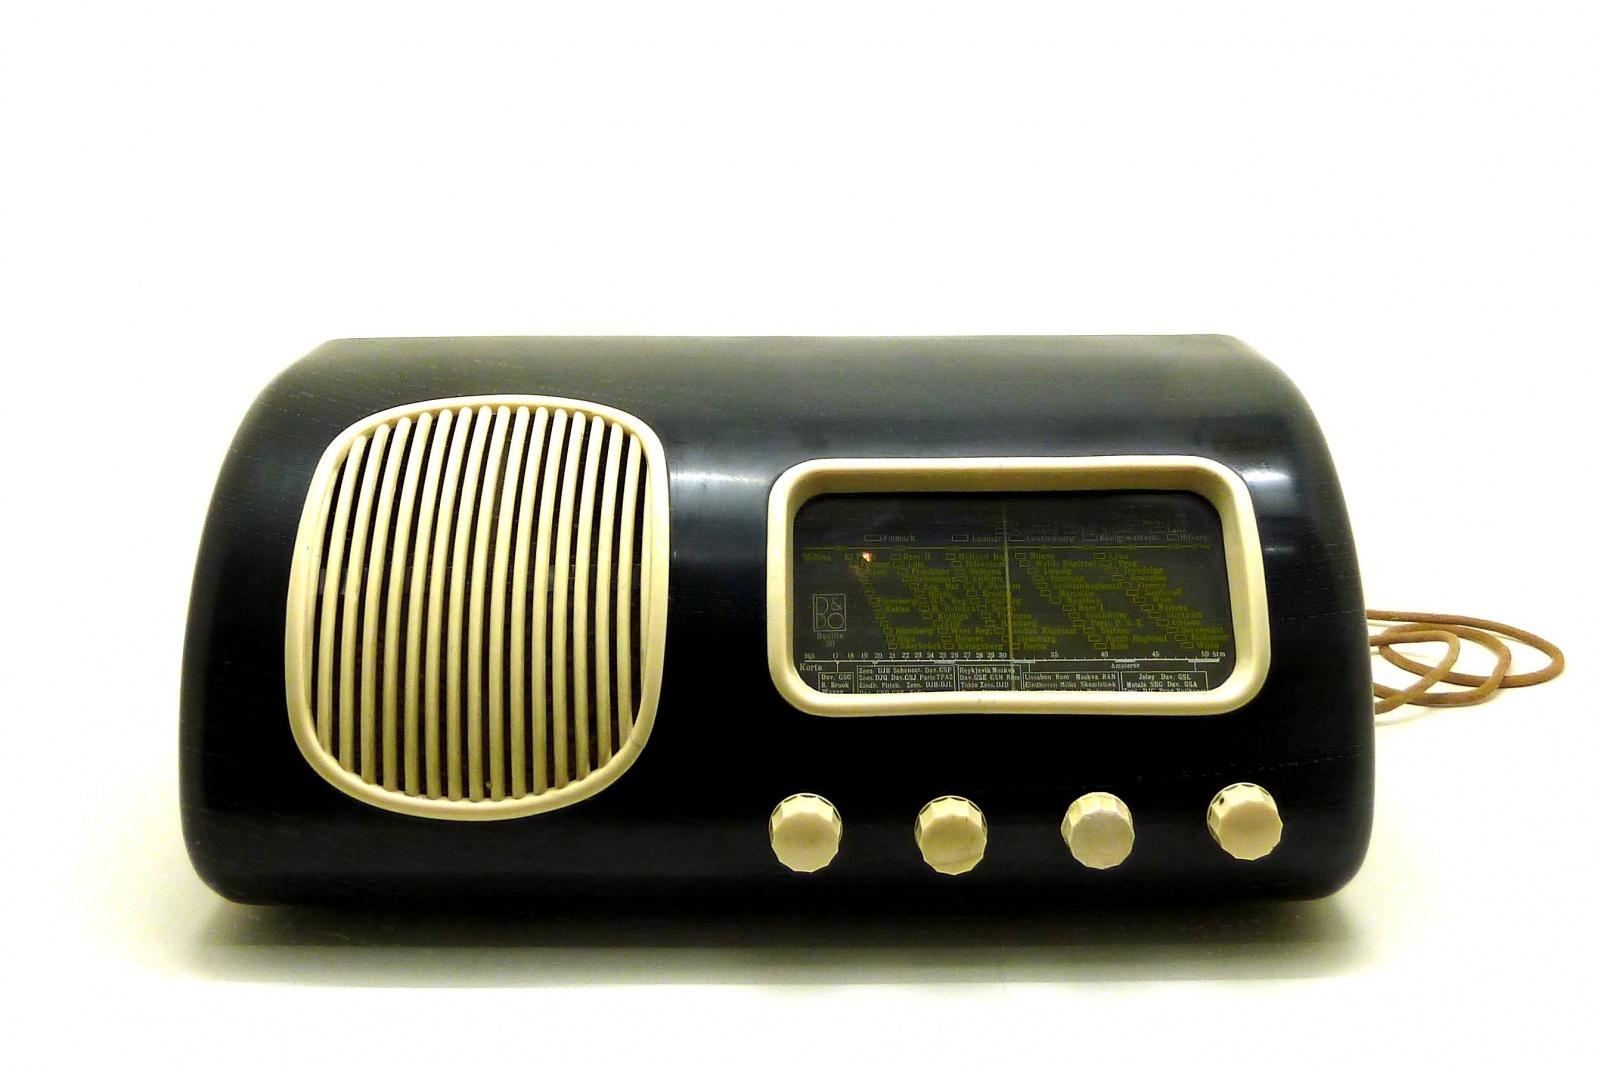 """Дизайн и звук: классика модерна, британский ответ Японии, кассетник """"космической эры"""" и брутальные швейцарцы - 4"""